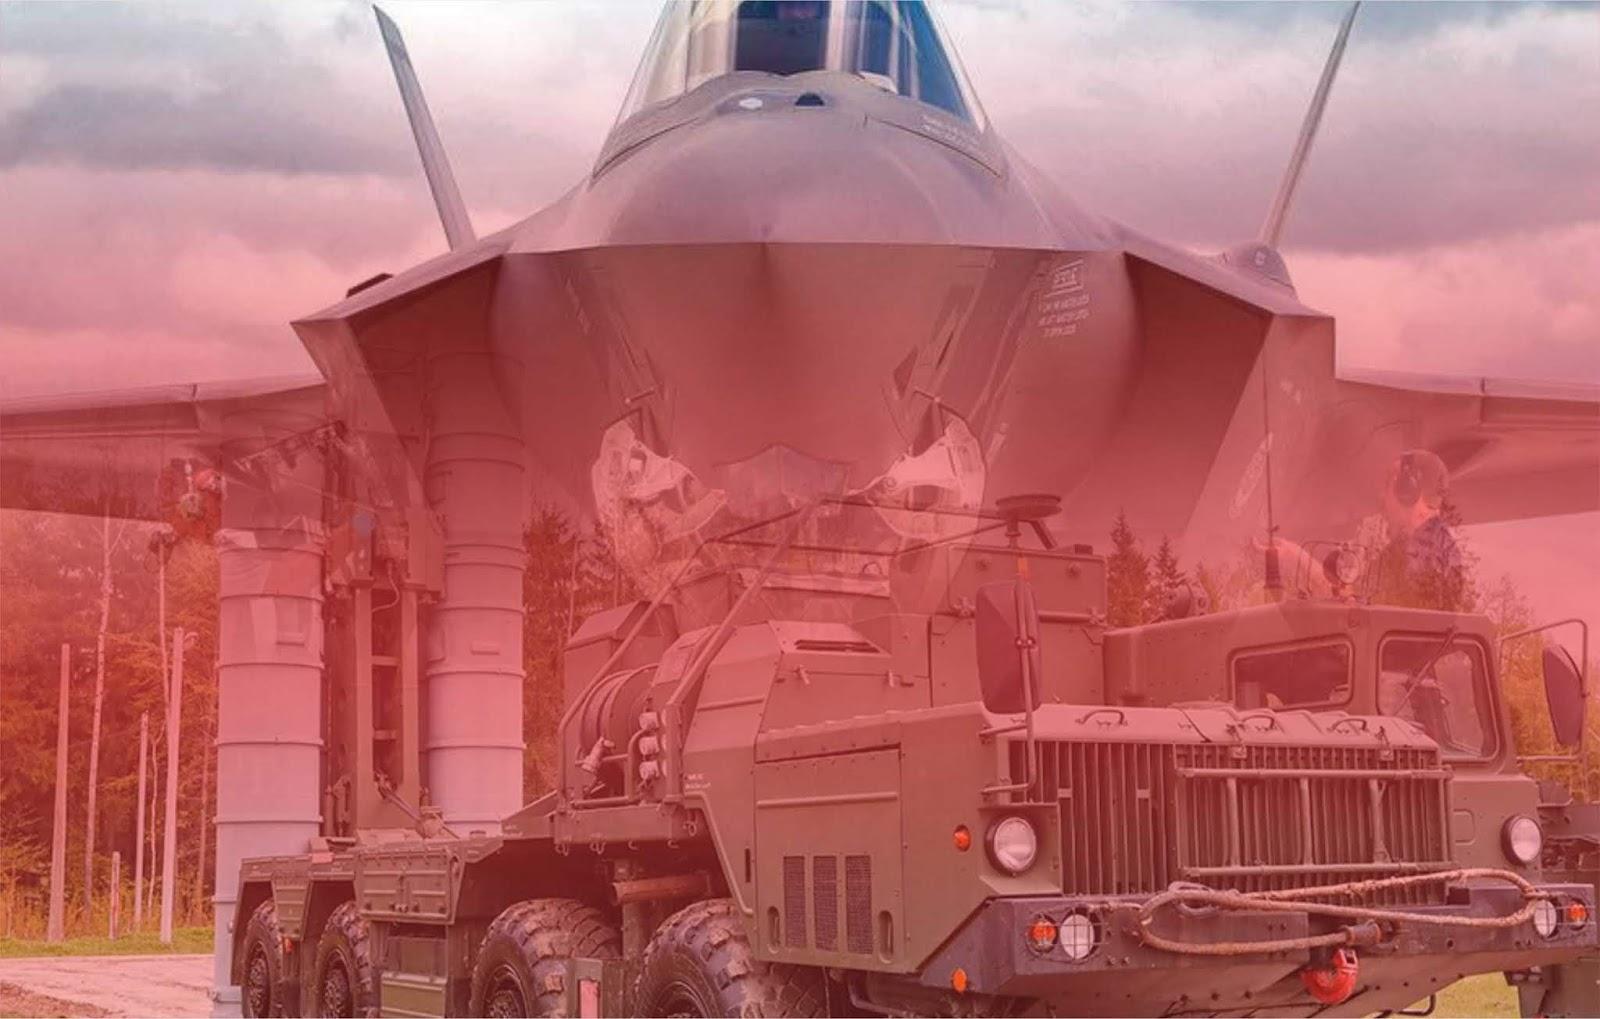 EUCOM merekomendasikan untuk tidak mengirim F-35 ke Turki jika Ankara membeli S-400 dari Moskow